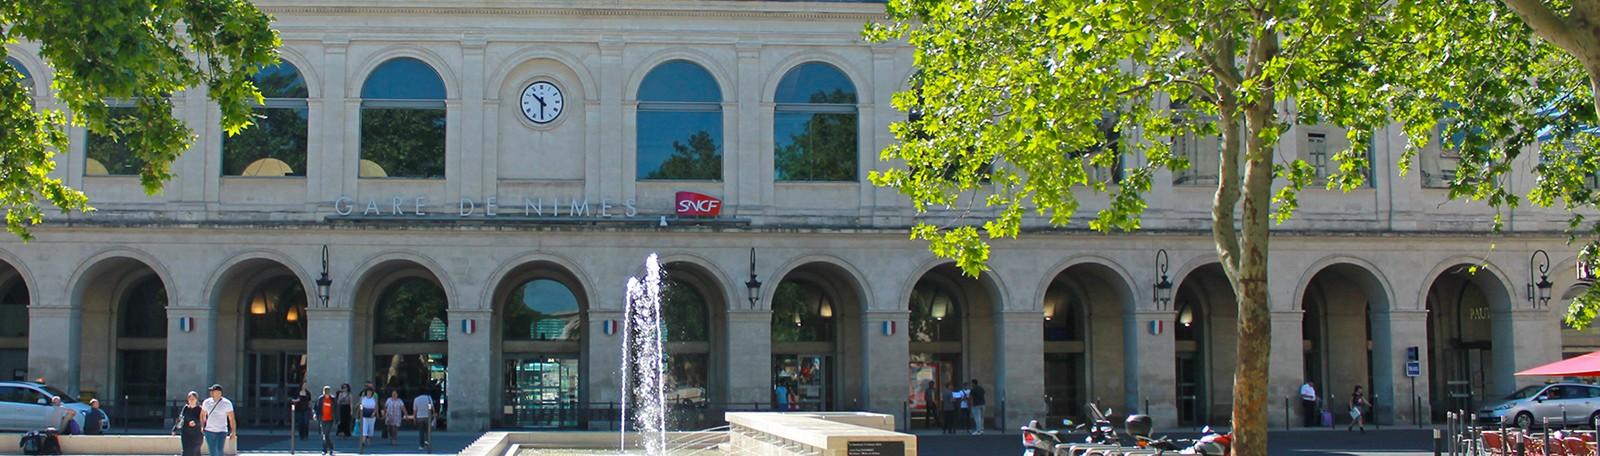 Parking Q-Park Gare Feuchères - Nimes